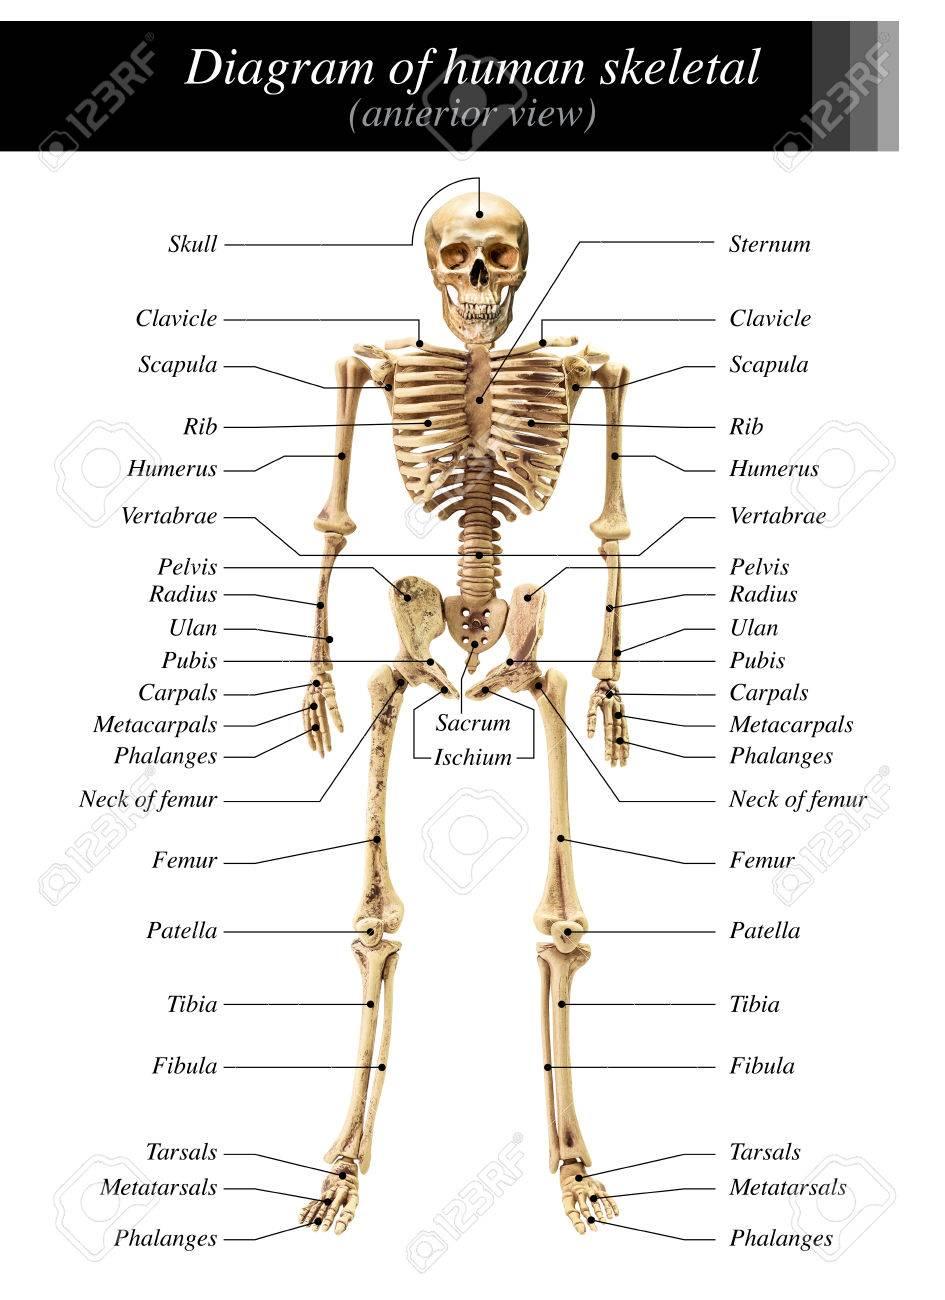 Diagrama De Esqueleto Humano En Vista Anterior Sobre Fondo Blanco ...